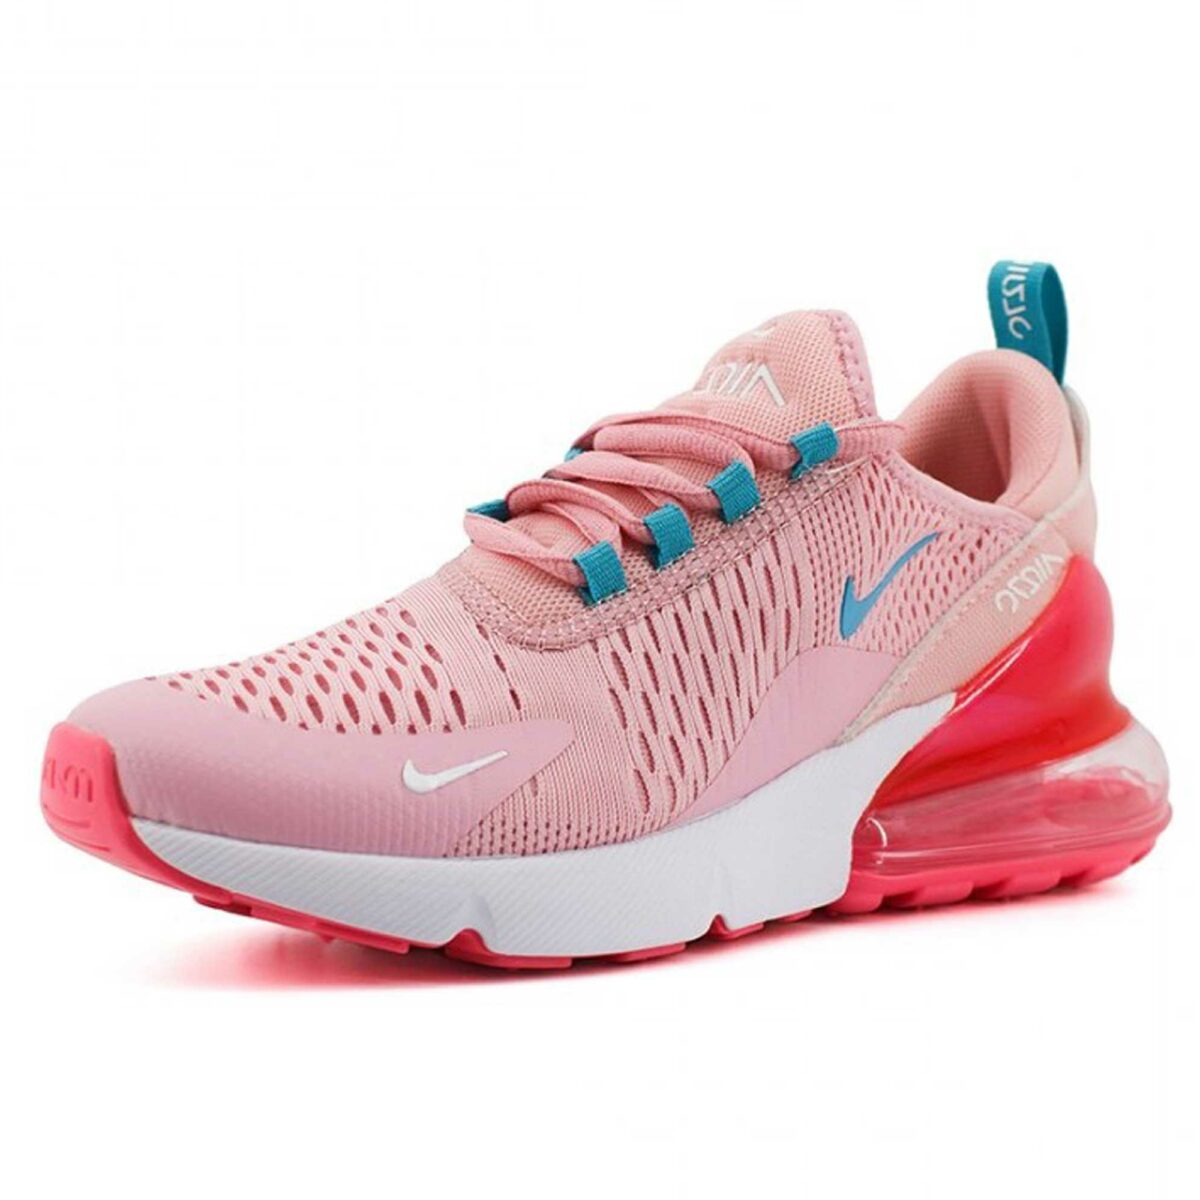 nike air max 270 pink blue купить